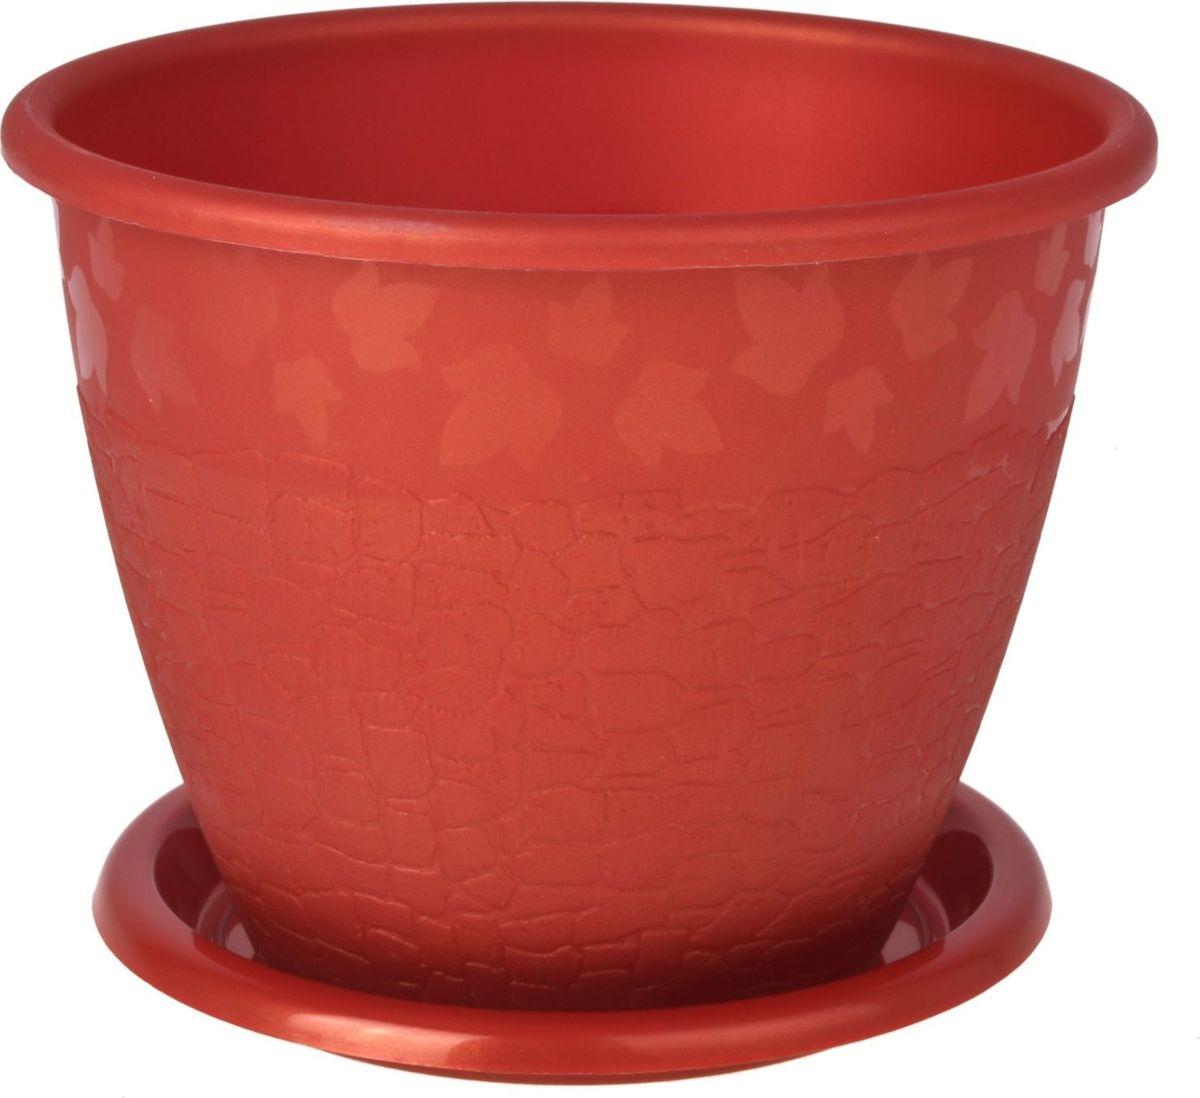 Горшок для цветов Альтернатива Розалия, с поддоном, цвет: медный, 1,2 л96281496Любой, даже самый современный и продуманный интерьер будет не завершённым без растений. Они не только очищают воздух и насыщают его кислородом, но и заметно украшают окружающее пространство. Такому полезному члену семьи просто необходимо красивое и функциональное кашпо, оригинальный горшок или необычная ваза! Мы предлагаем - Горшок для цветов с поддоном 1,2 л Розалия, цвет медный! Оптимальный выбор материала пластмасса! Почему мы так считаем? Малый вес. С лёгкостью переносите горшки и кашпо с места на место, ставьте их на столики или полки, подвешивайте под потолок, не беспокоясь о нагрузке. Простота ухода. Пластиковые изделия не нуждаются в специальных условиях хранения. Их легко чистить достаточно просто сполоснуть тёплой водой. Никаких царапин. Пластиковые кашпо не царапают и не загрязняют поверхности, на которых стоят. Пластик дольше хранит влагу, а значит растение реже нуждается в поливе. Пластмасса не пропускает воздух корневой системе растения не грозят резкие перепады температур. Огромный выбор форм, декора и расцветок вы без труда подберёте что-то, что идеально впишется в уже существующий интерьер. Соблюдая нехитрые правила ухода, вы можете заметно продлить срок службы горшков, вазонов и кашпо из пластика: всегда учитывайте размер кроны и корневой системы растения (при разрастании большое растение способно повредить маленький горшок)берегите изделие от воздействия прямых солнечных лучей, чтобы кашпо и горшки не выцветалидержите кашпо и горшки из пластика подальше от нагревающихся поверхностей. Создавайте прекрасные цветочные композиции, выращивайте рассаду или необычные растения, а низкие цены позволят вам не ограничивать себя в выборе.